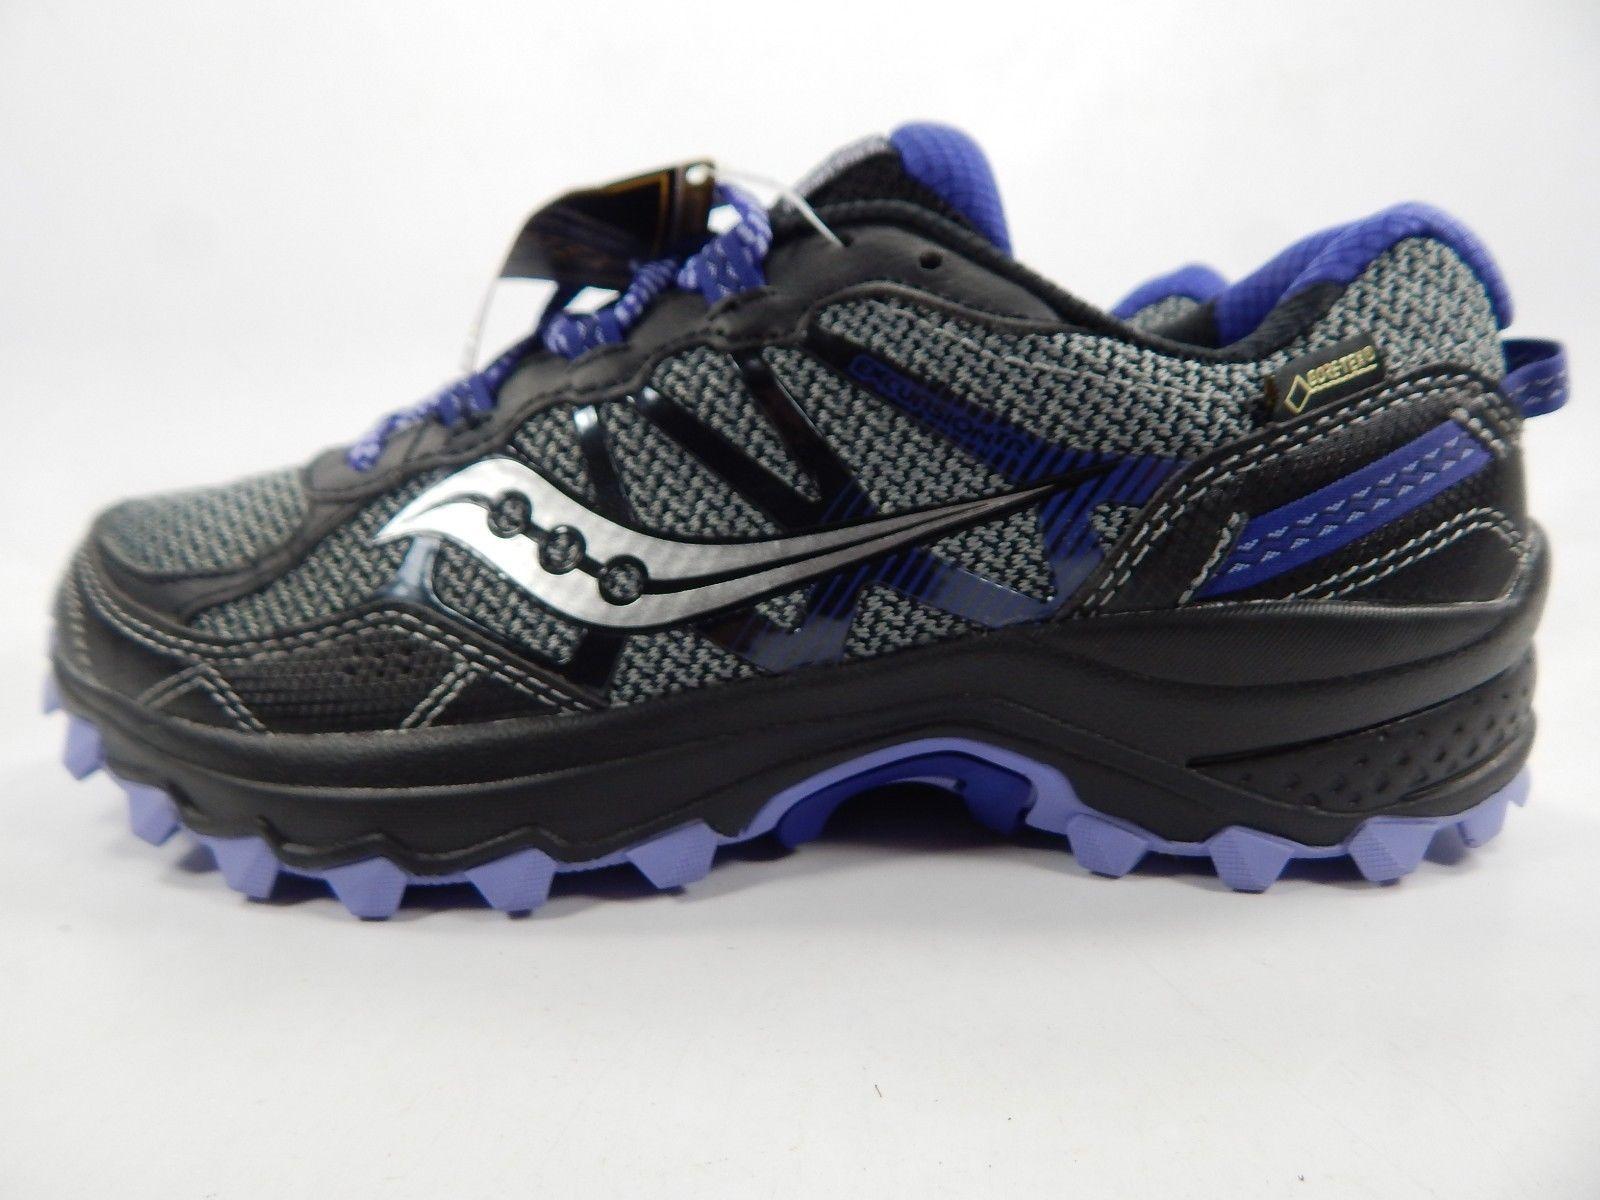 Saucony Excursion TR11 GTX Gore-Tex Size 7 M (B) EU 38 Women's Shoes S10394-1